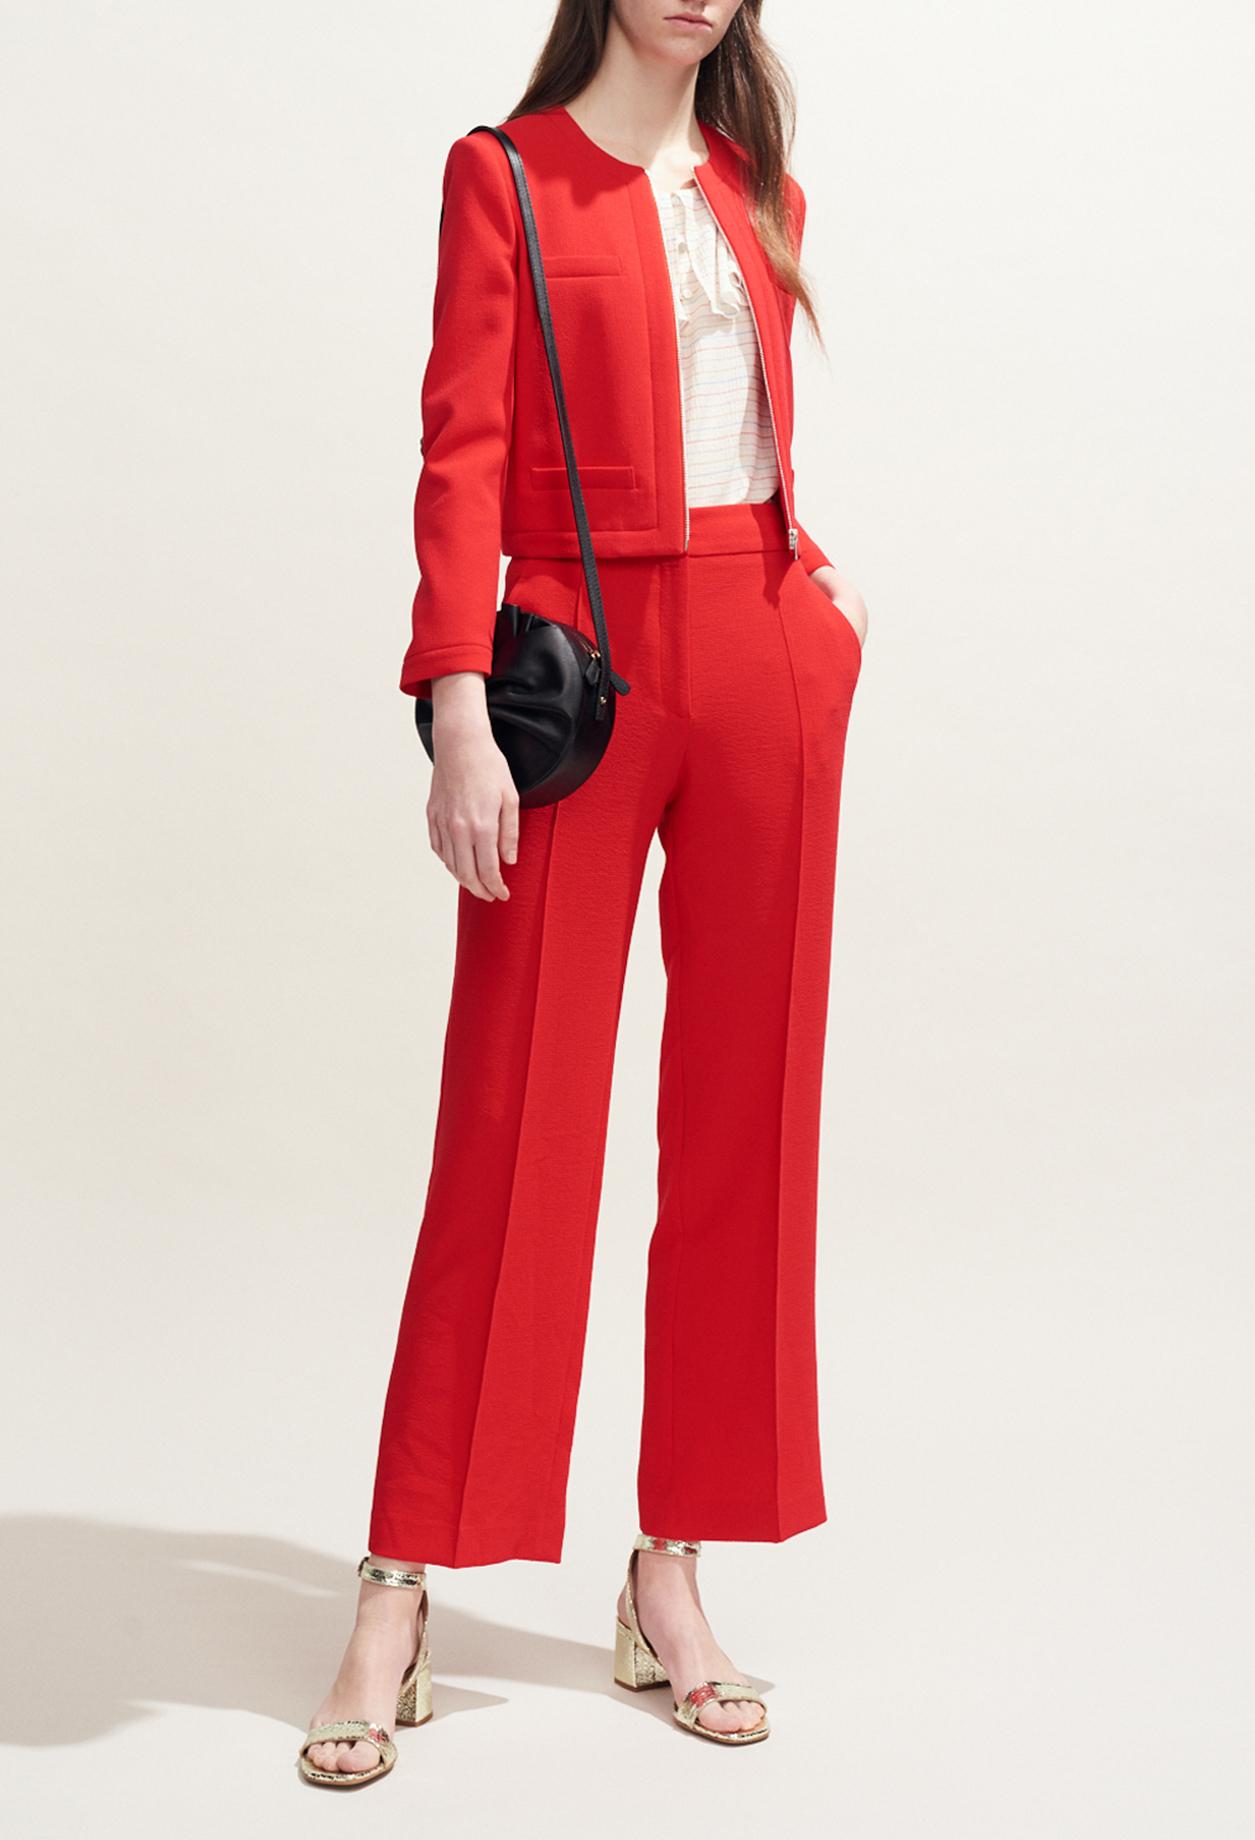 d2a5965474808 POURPRE - Pantalons et Jeans | Claudie Pierlot